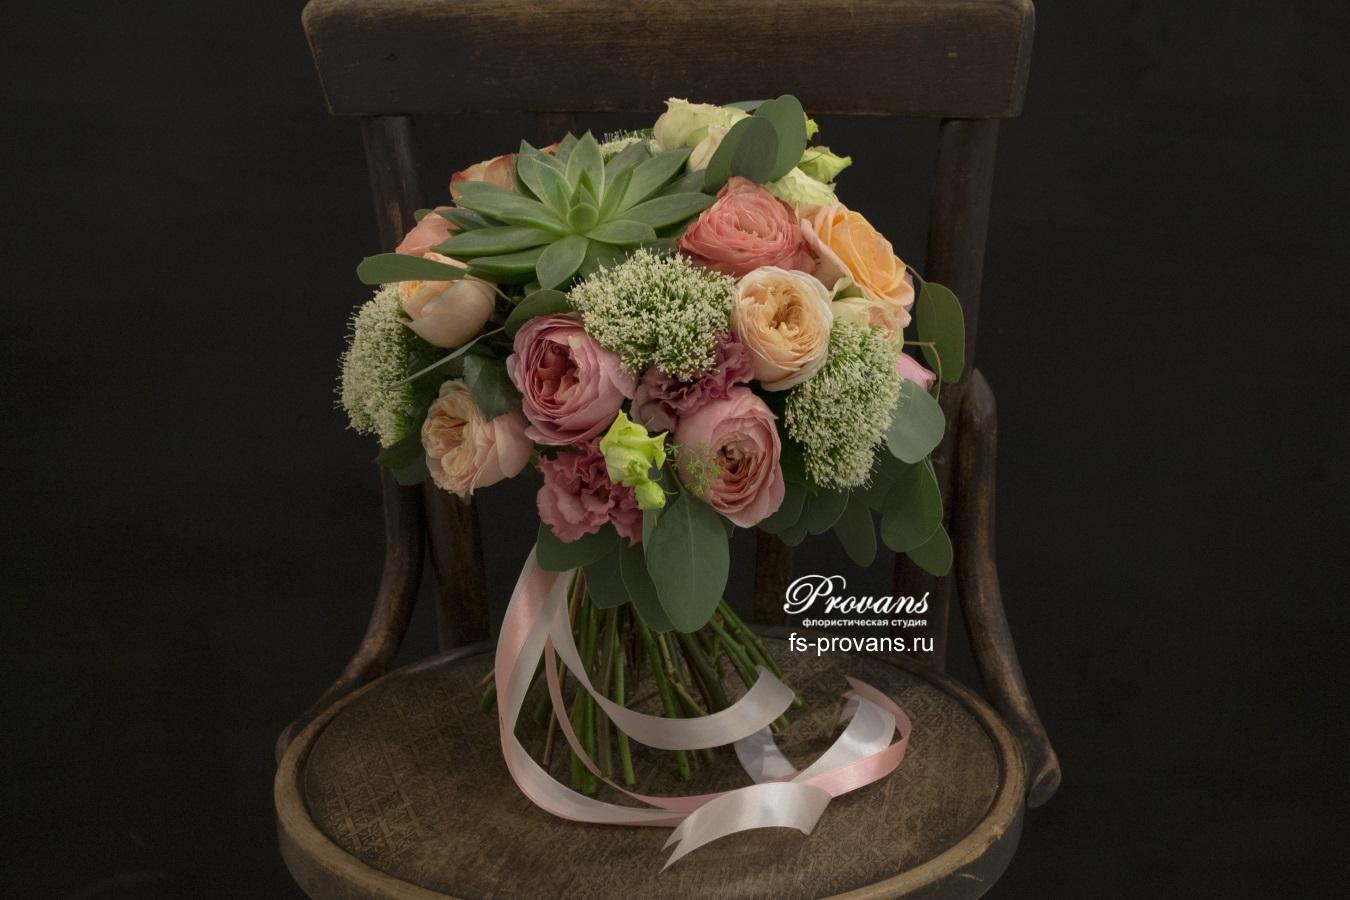 Свадебный букет. Ароматная роза Девида Остина, эхеверия